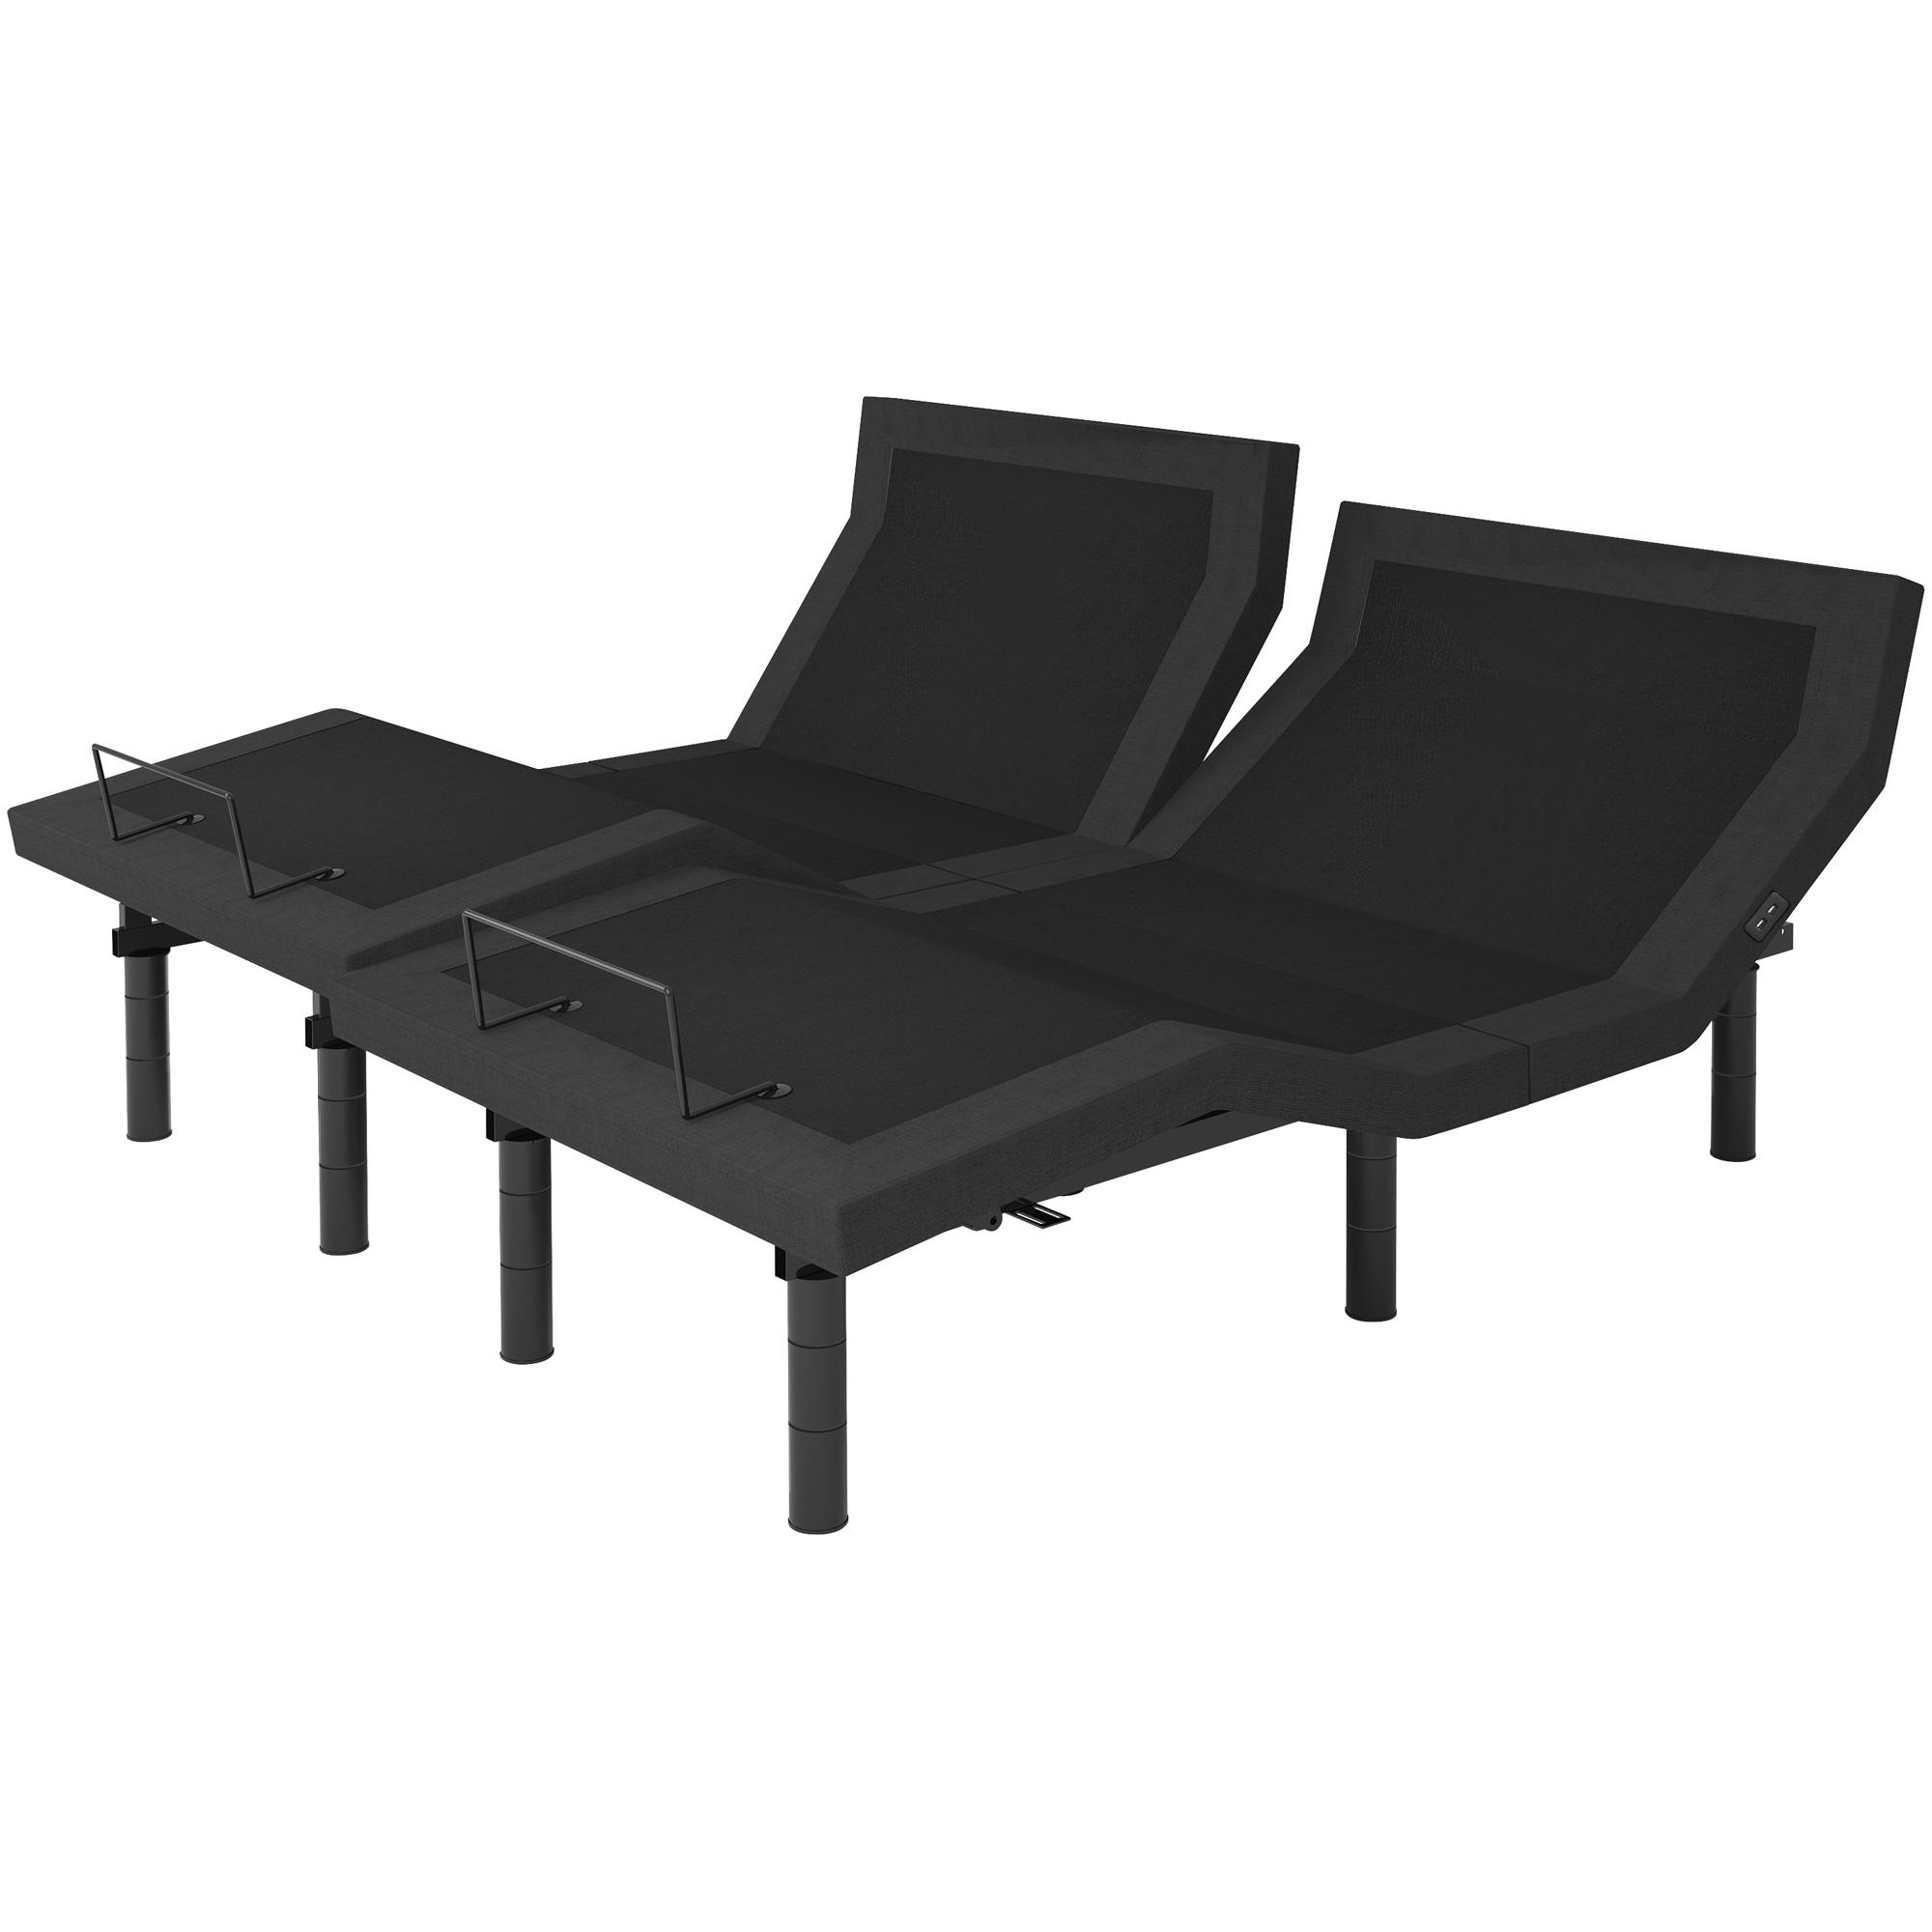 Glideaway | Glide Motion 600 King Adjustable Base Set